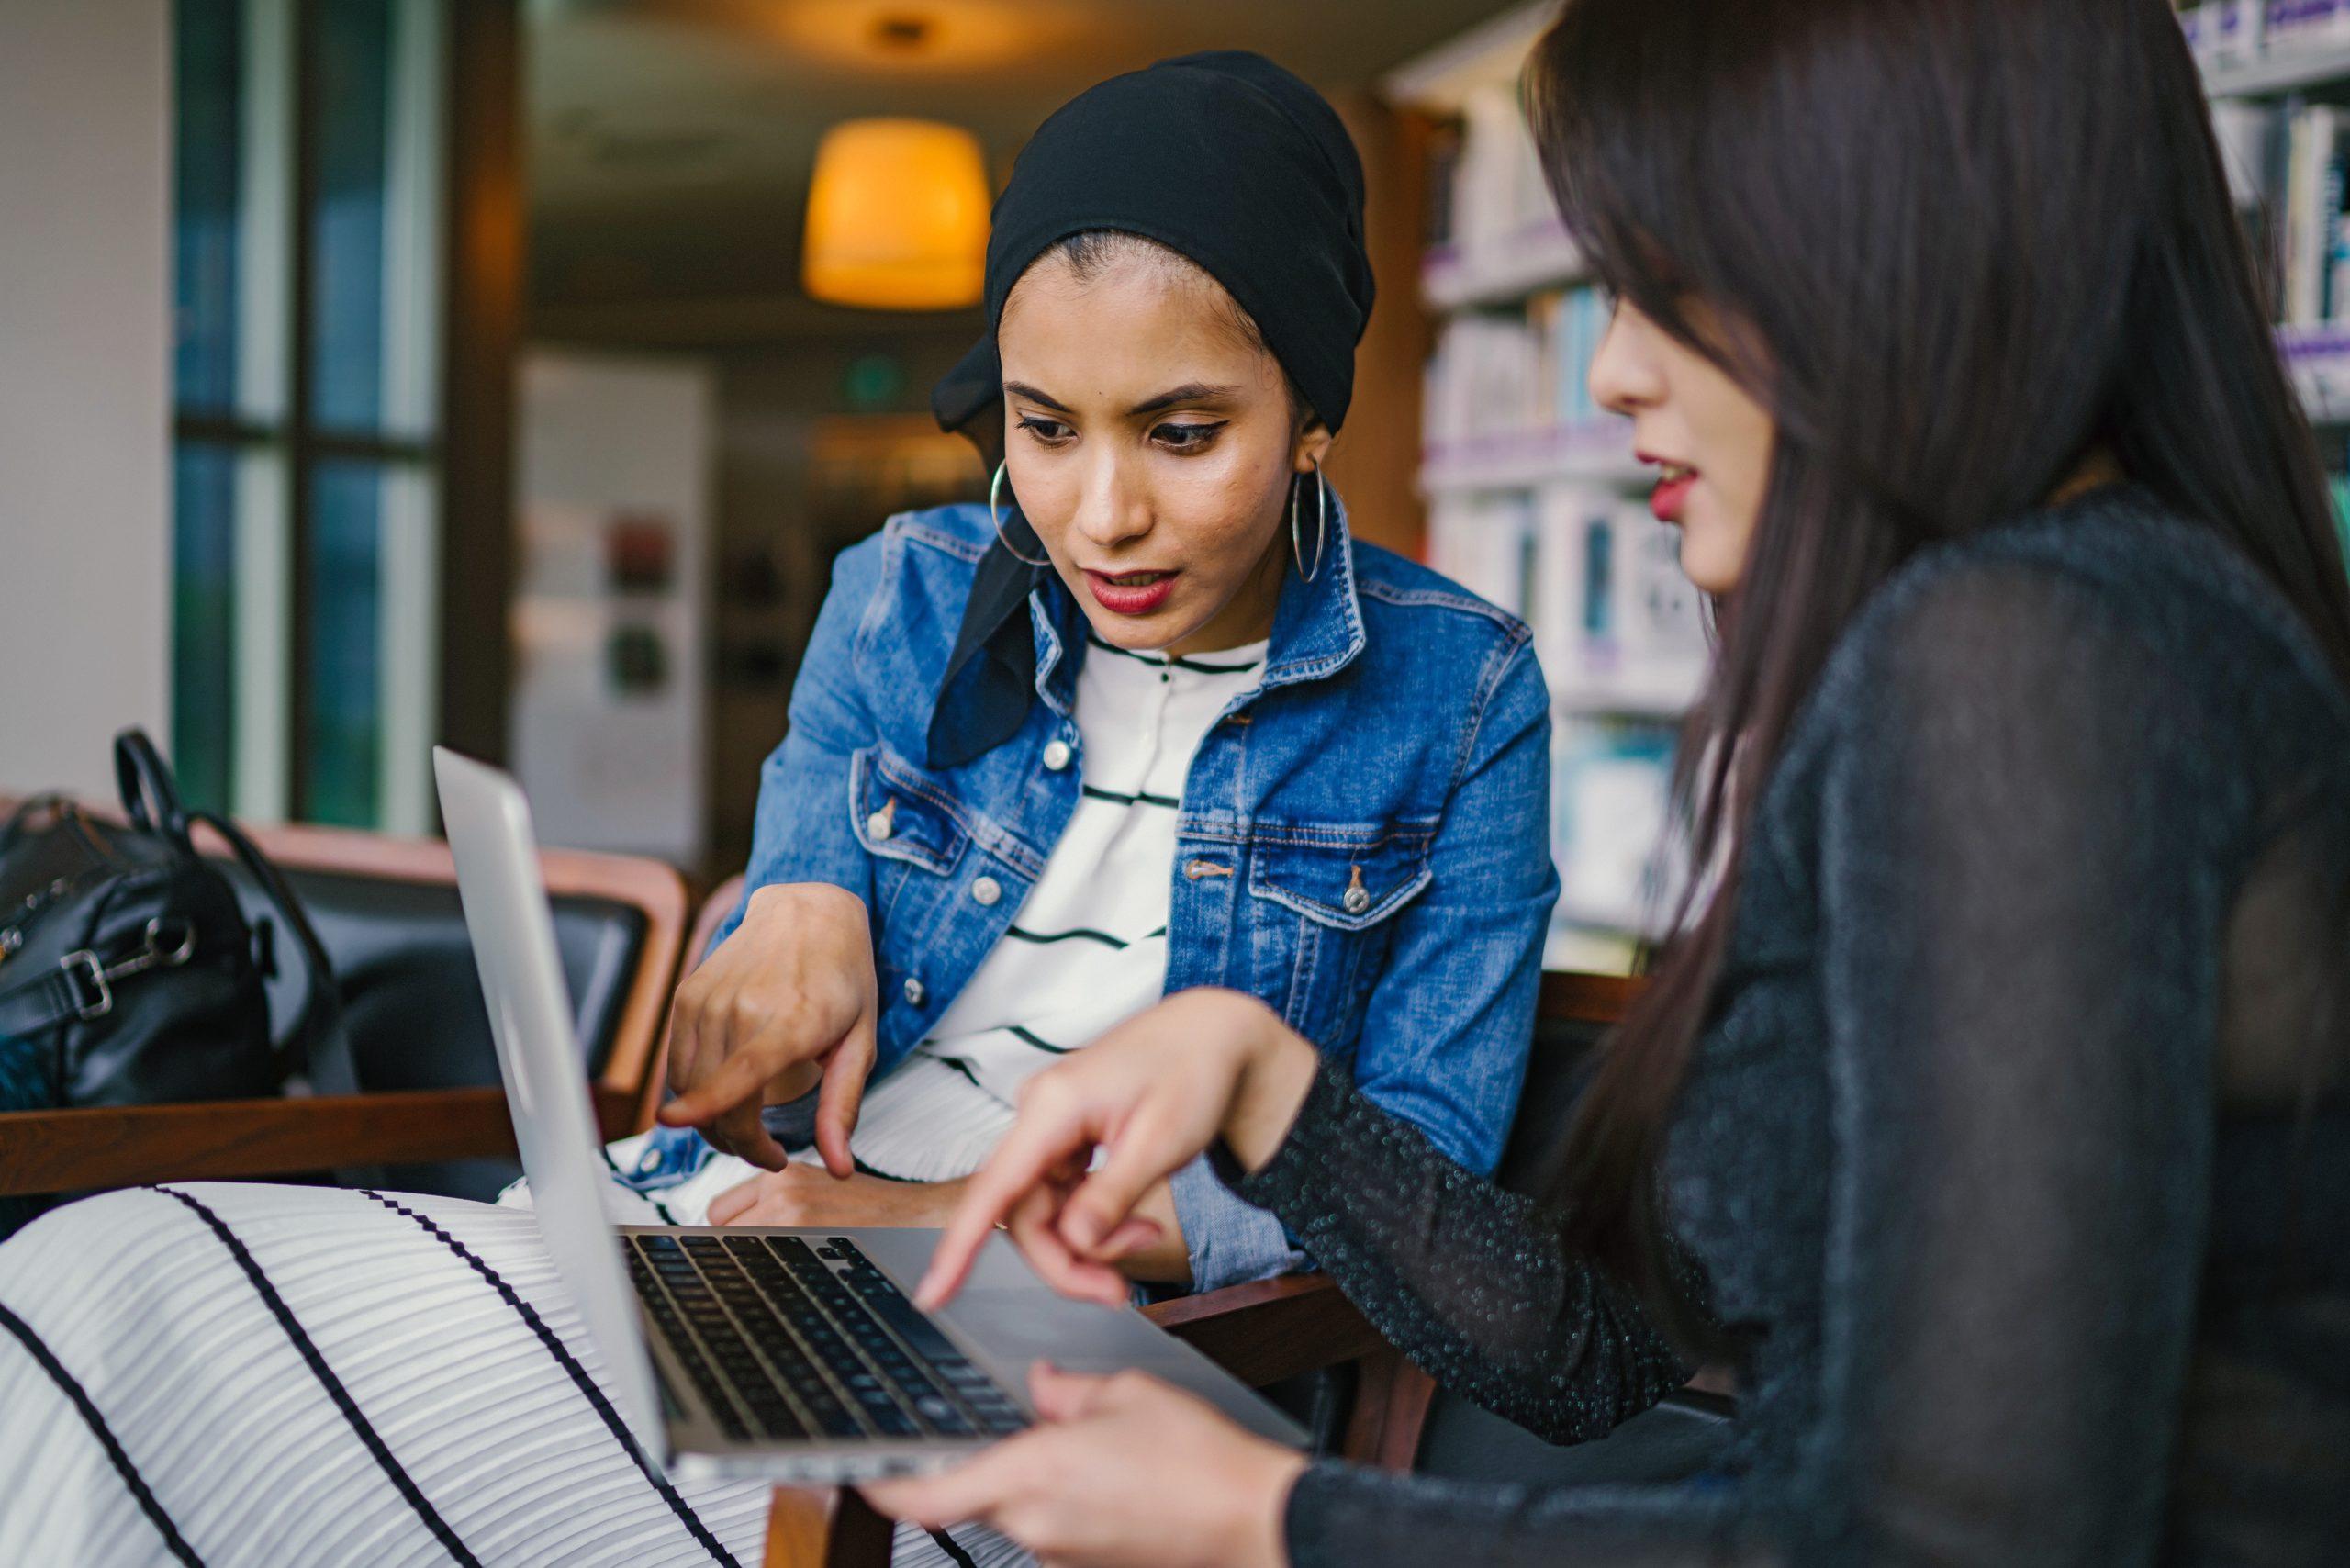 två kvinnor tittar och pekar på dator